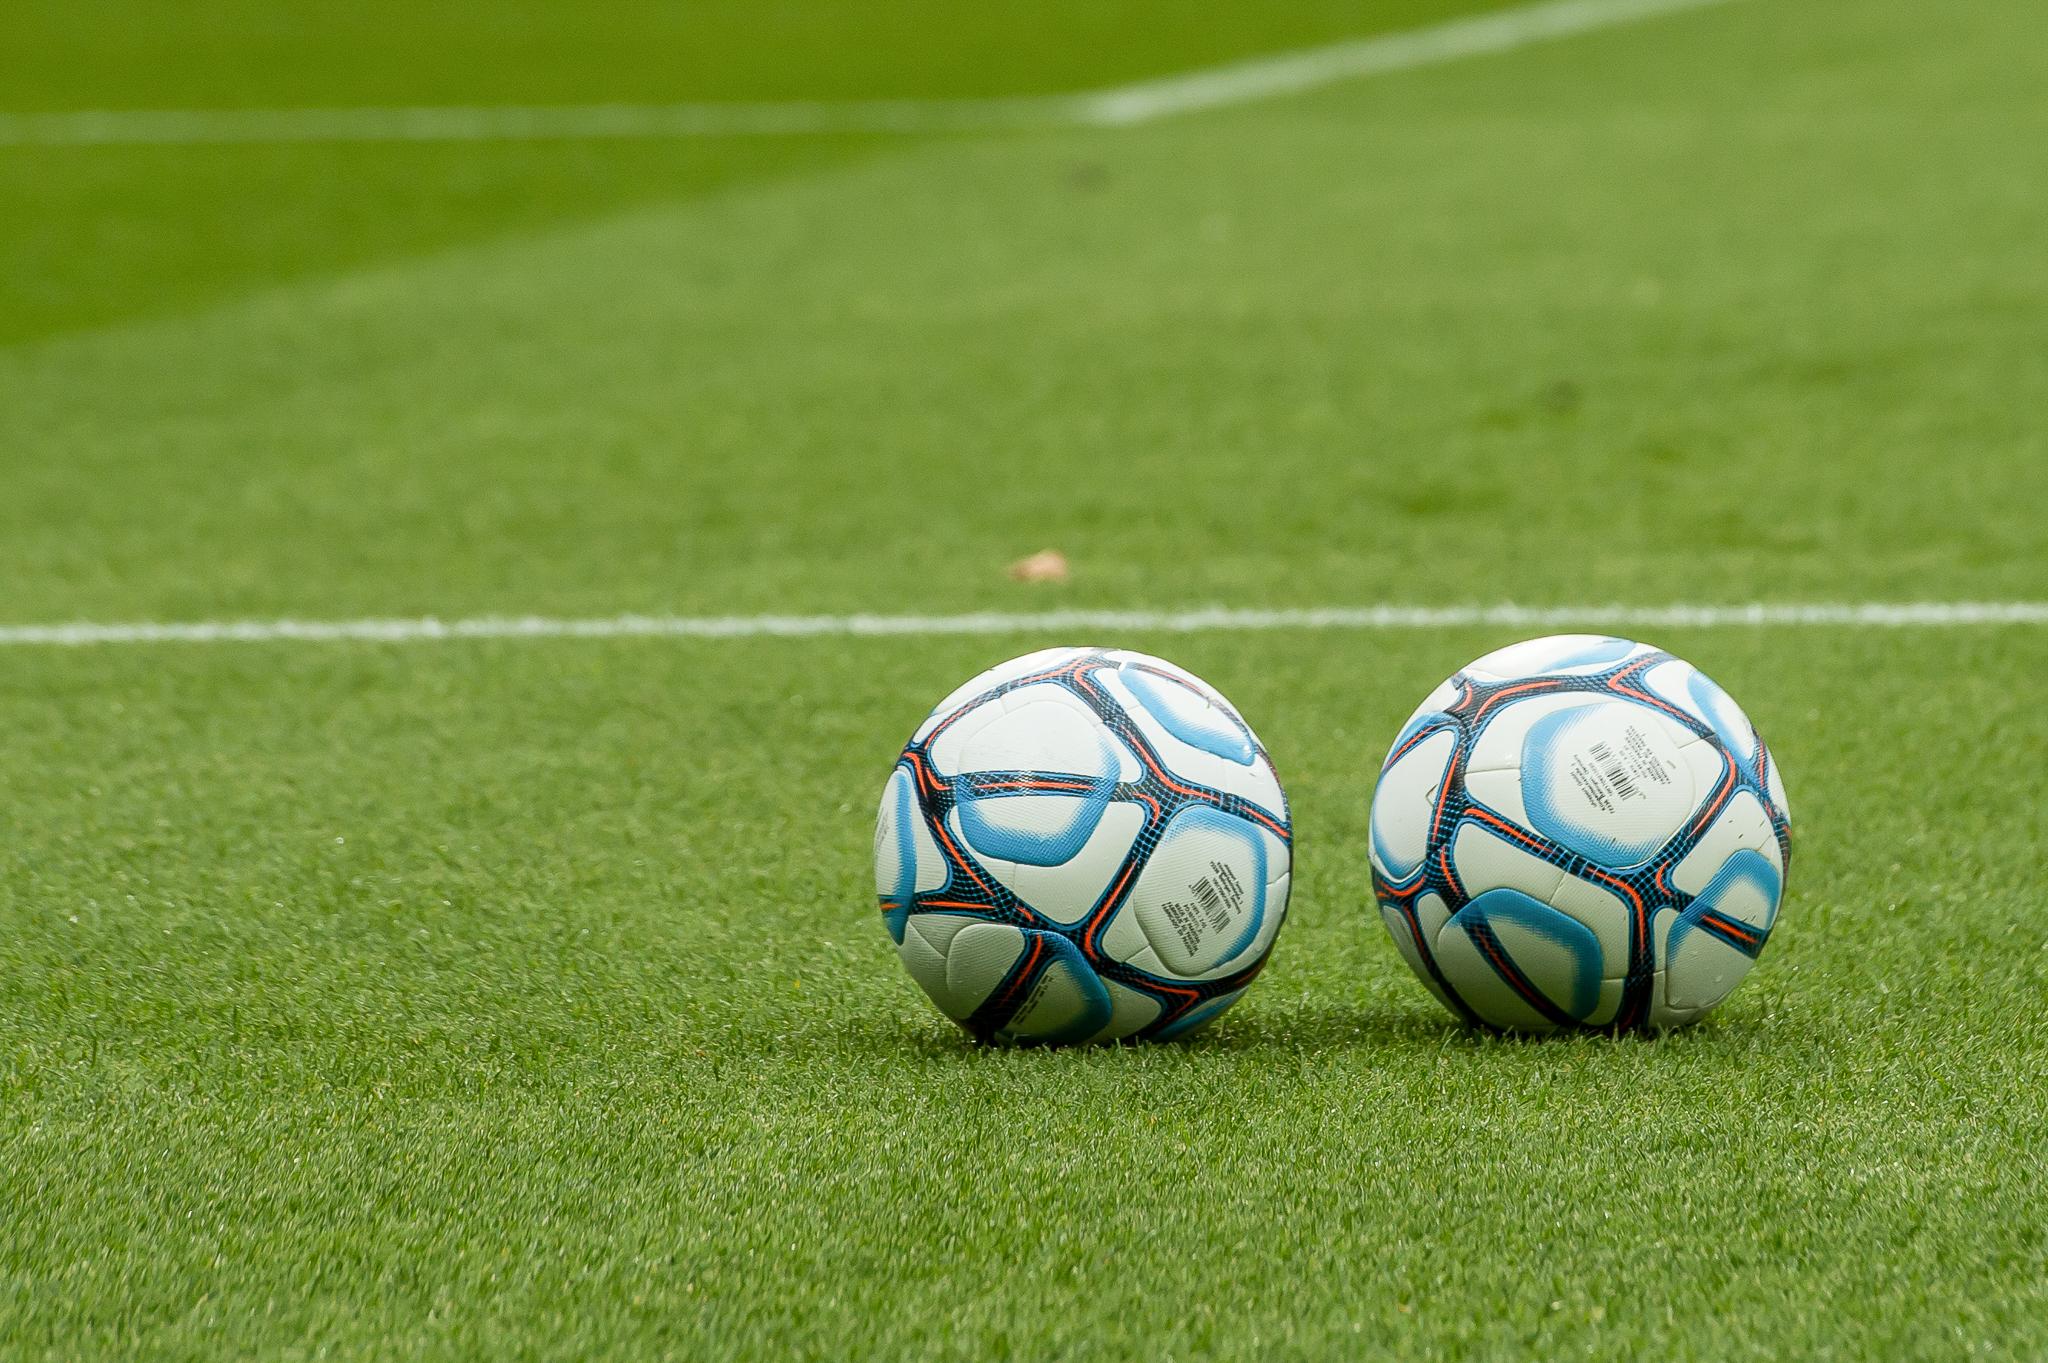 EA Guingamp La Berrichonne Châteauroux J37 Ligue 2 BKT EAGLBC 2-0 Stade de Roudourou FRA_5320